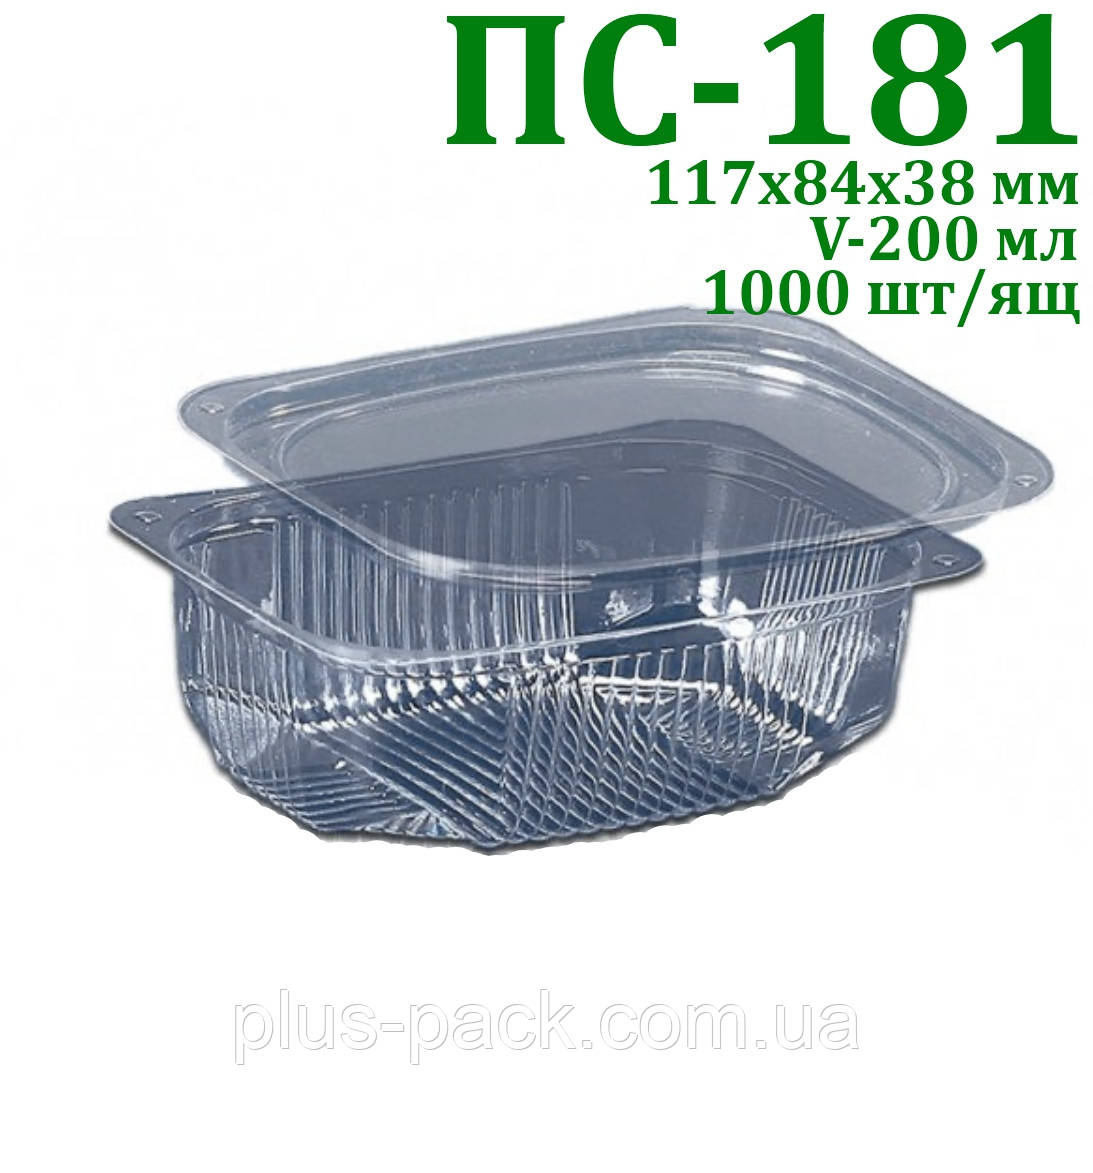 Упаковка пластиковая для пищевых продуктов (200 мл), 1000шт/ящ